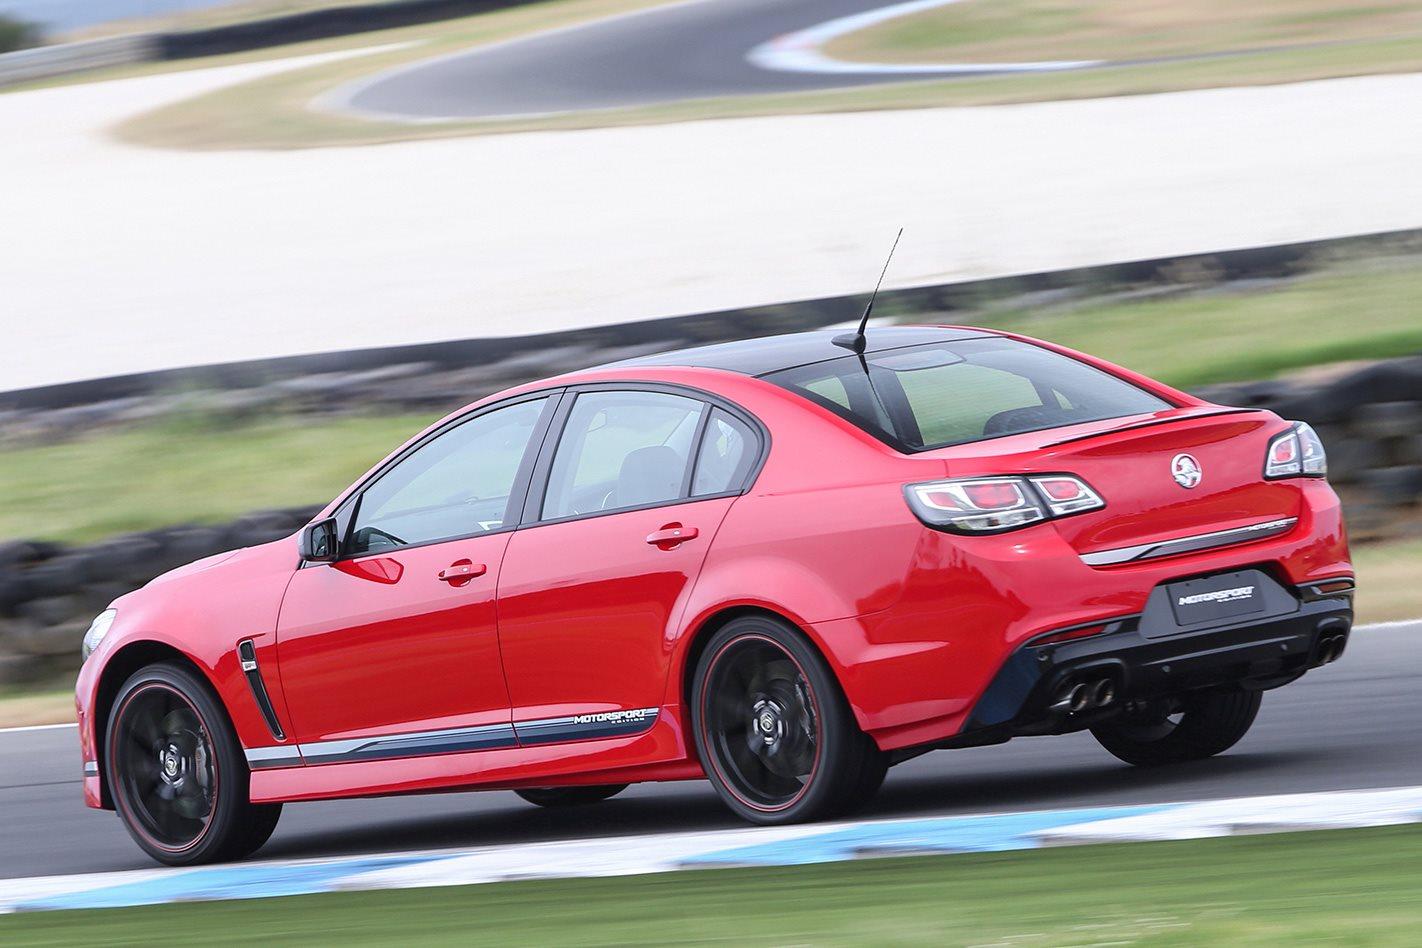 2017 Holden Commodore Motorsport rear